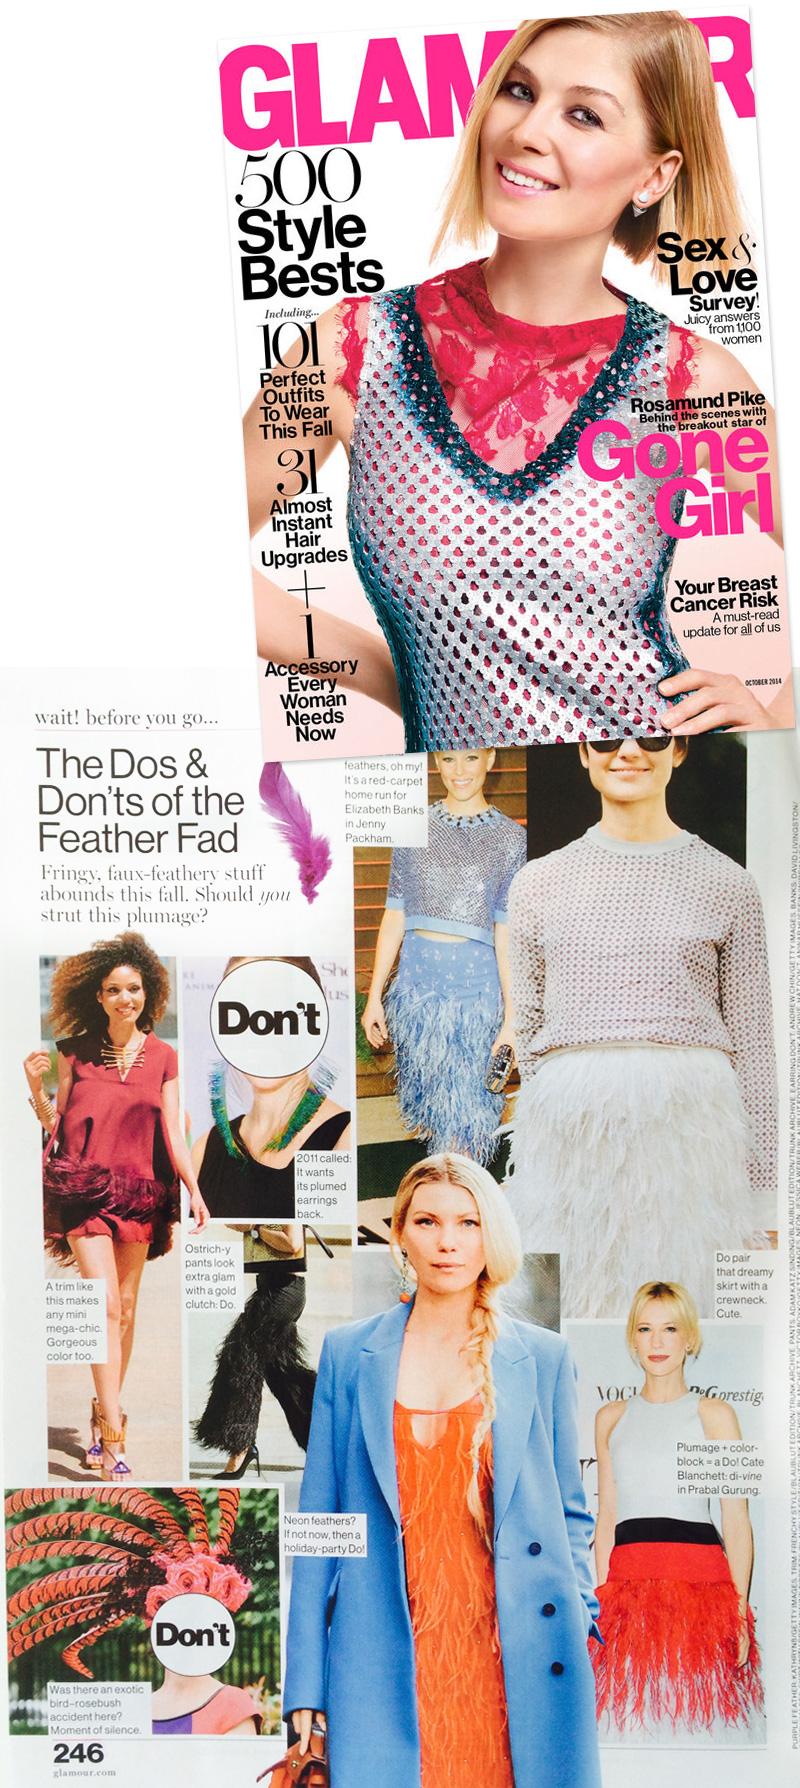 glamour-magazine-ndoema-the-global-girl-theglobalgirl-w800-v2b